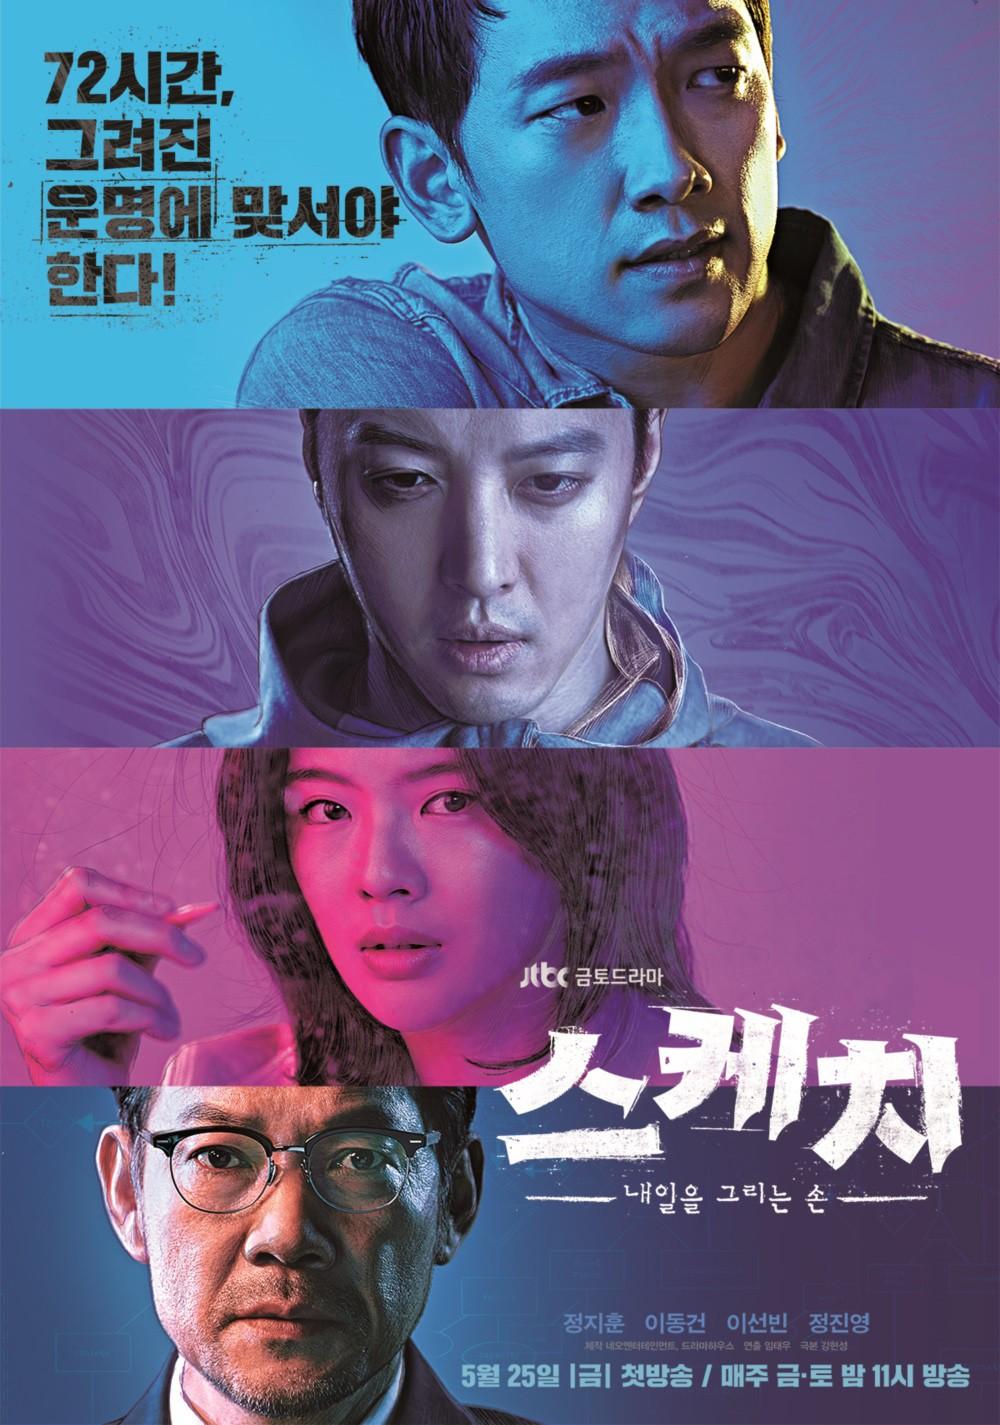 """[Phim Hàn Quốc] """"Sketch"""" (2018): Khi khán giả hồi hộp đến """"thòng cả tim"""""""